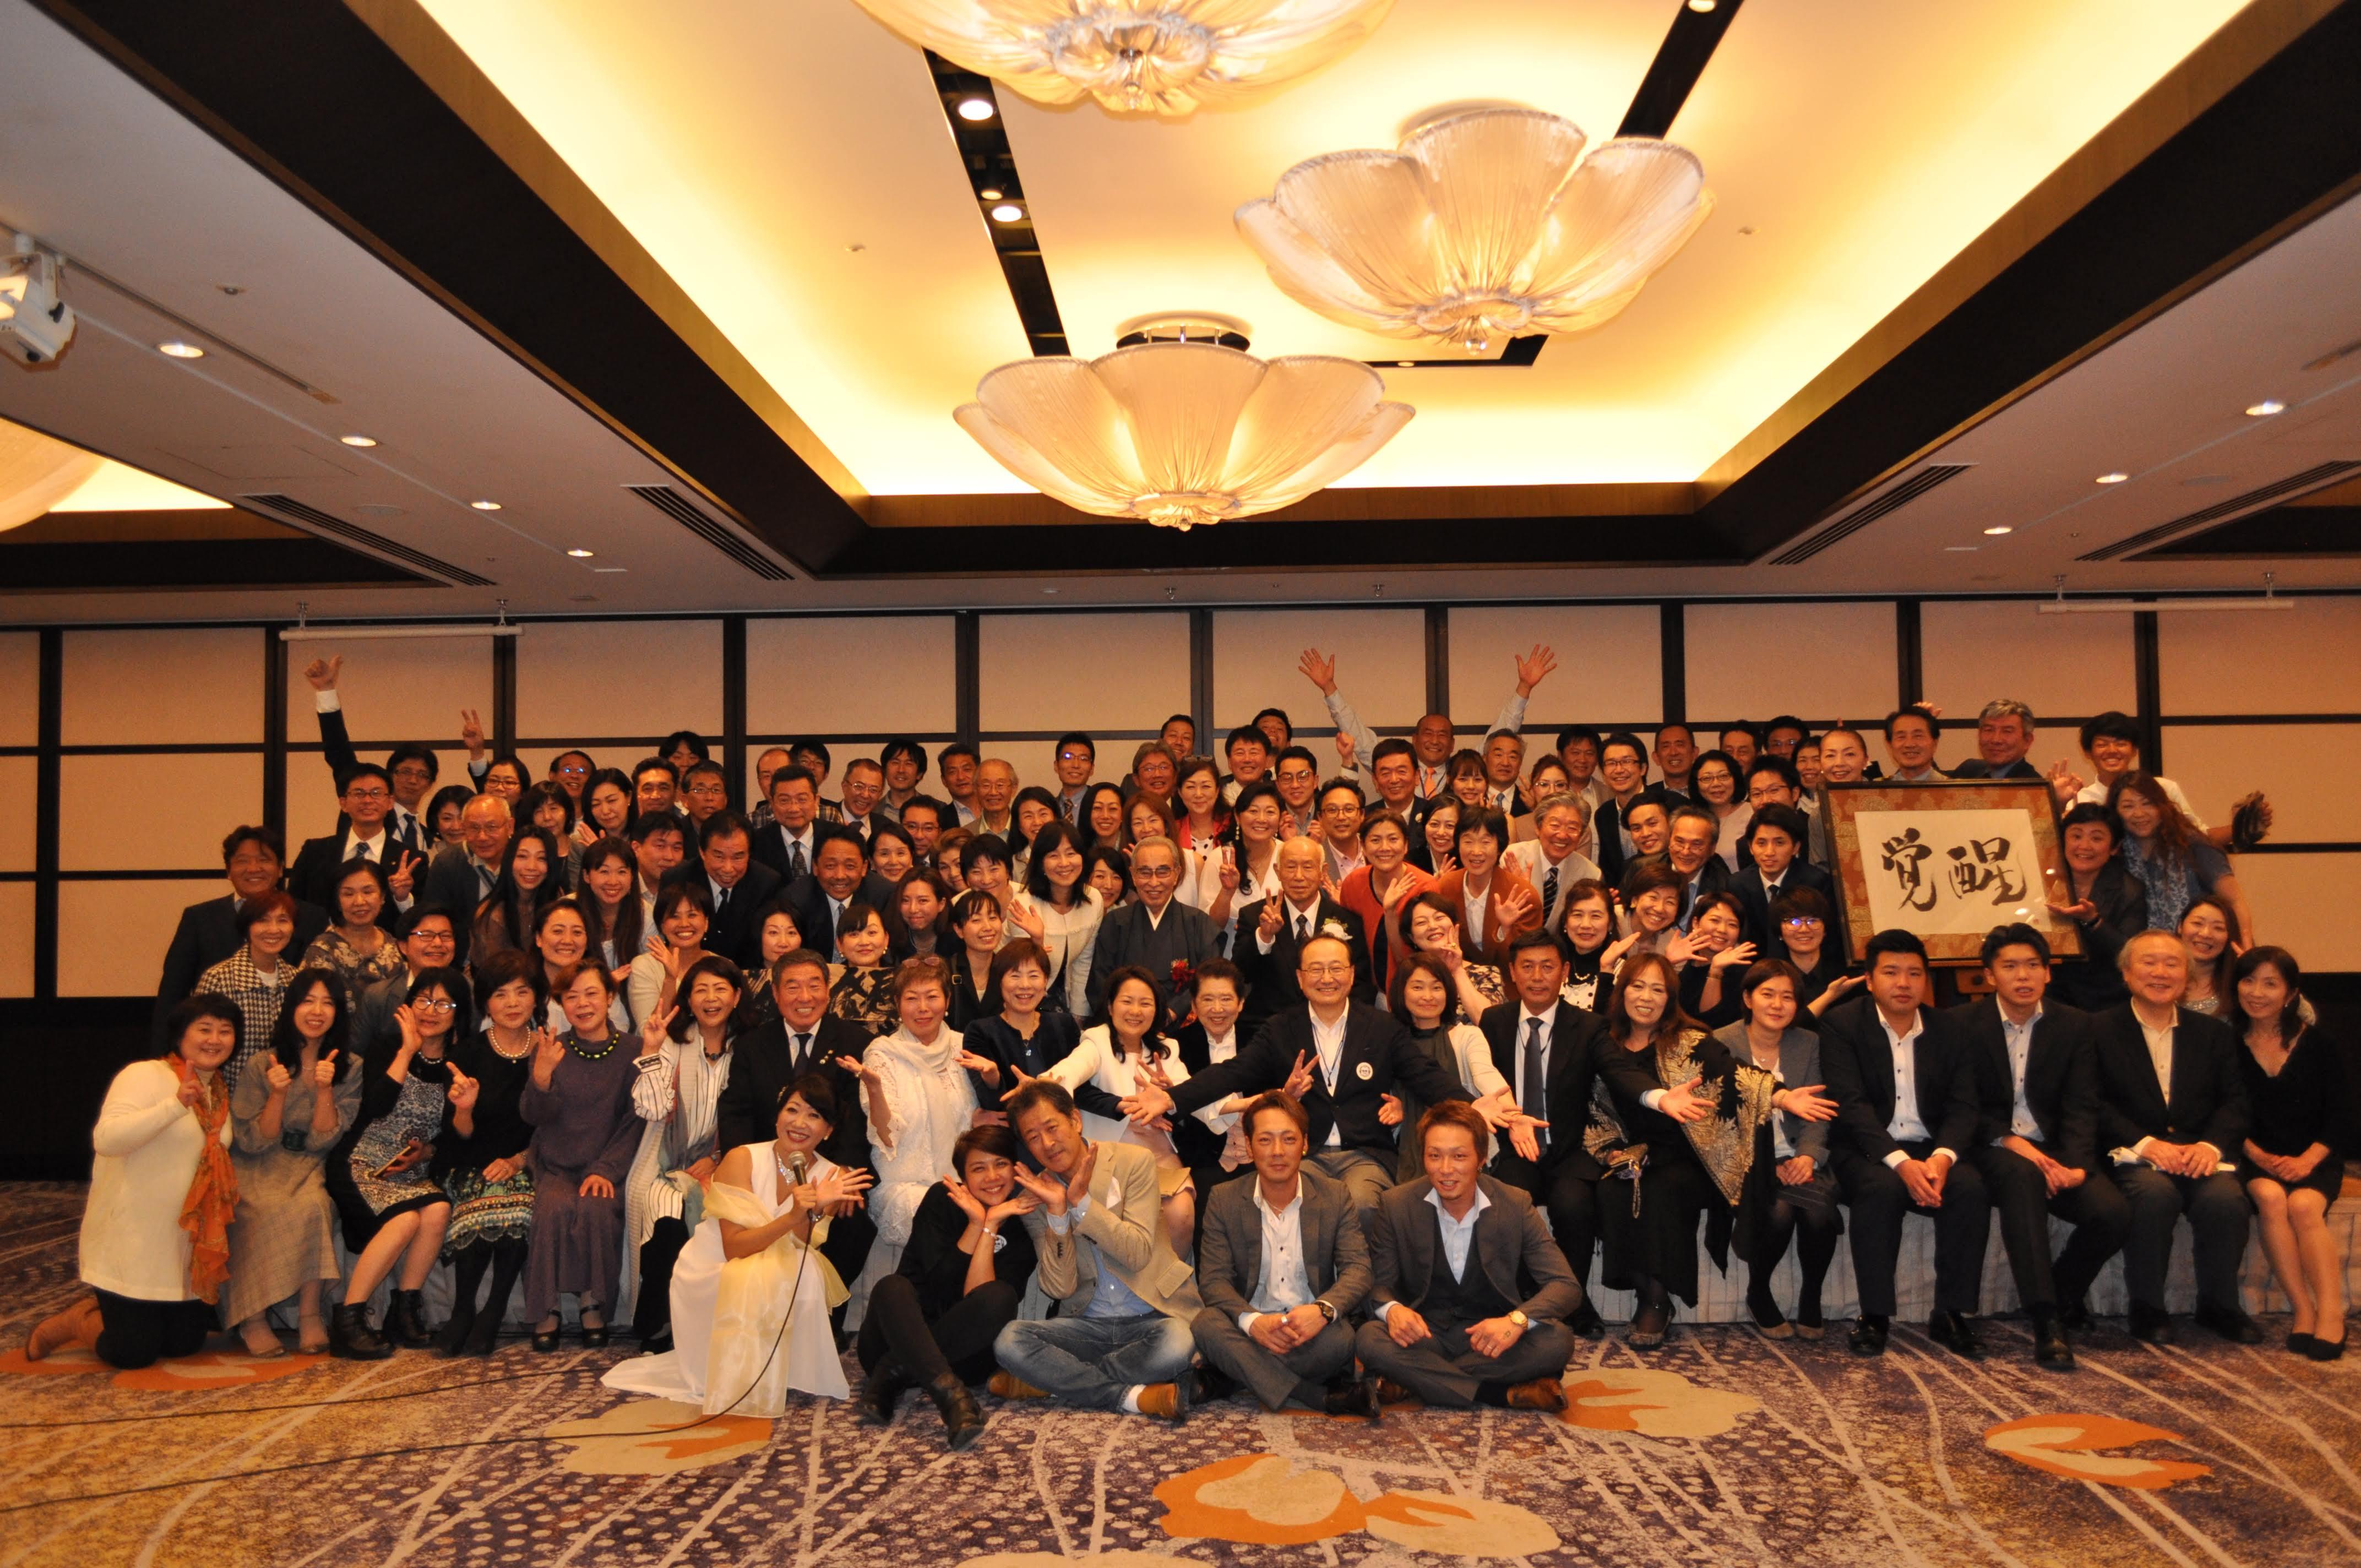 DSC 0607 1 - 思風会全国大会in広島